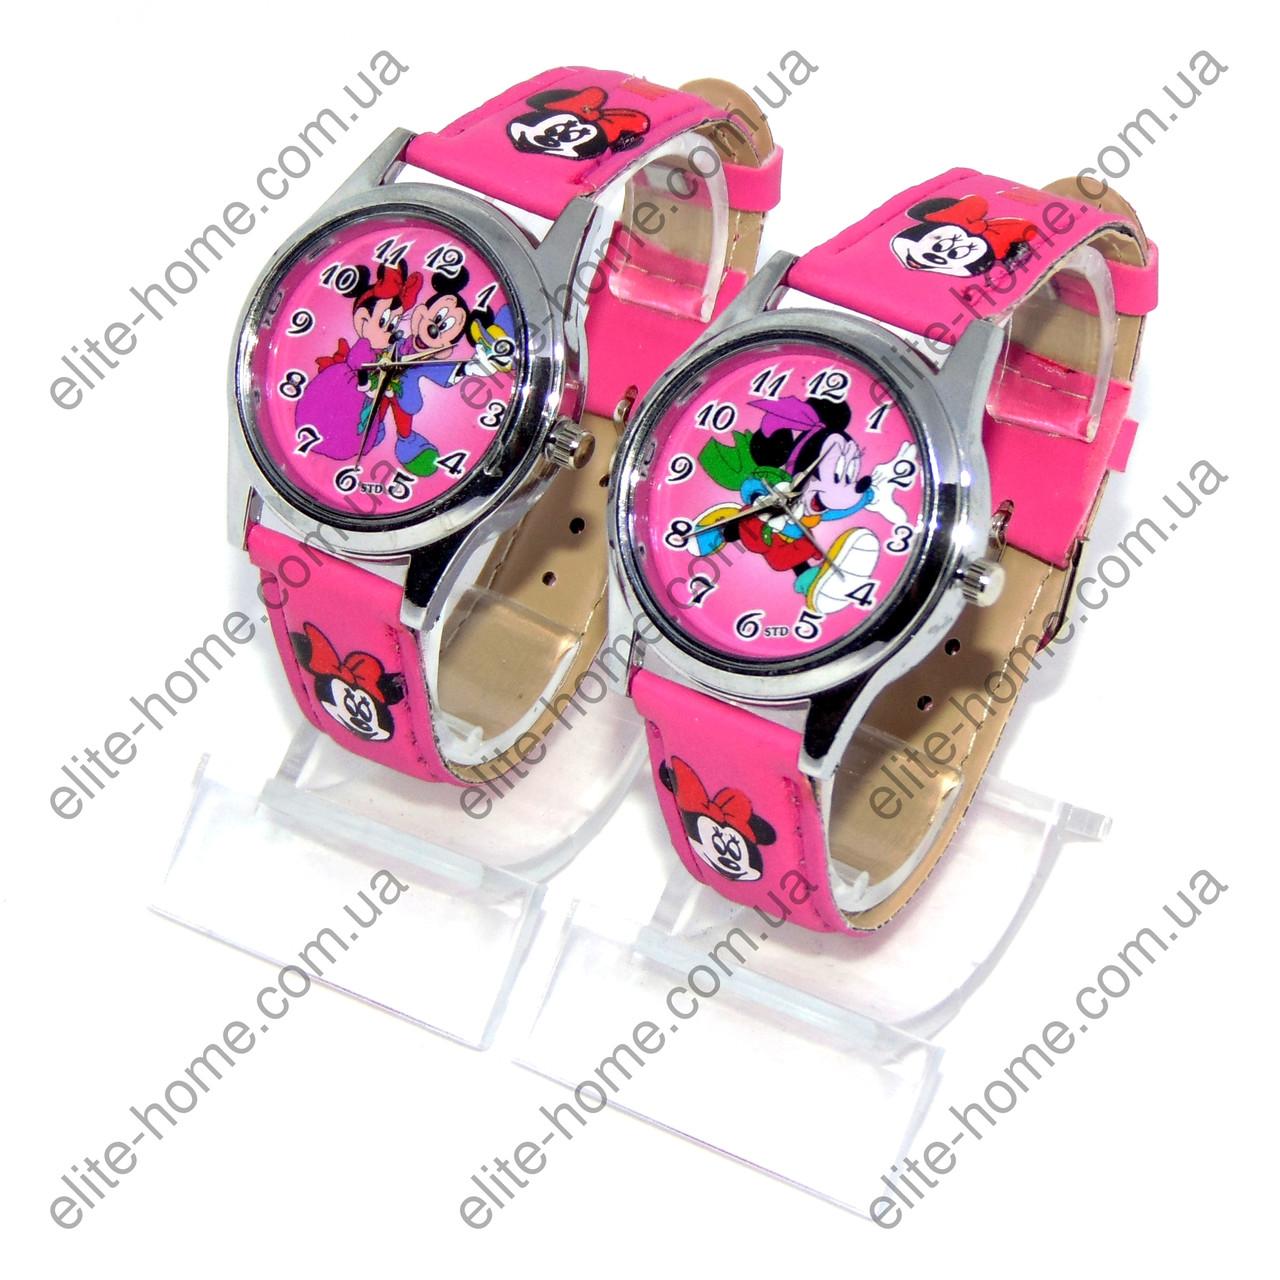 """Детские наручные часы """"Минни Маус (Minnie Mouse)"""" в подарочной упаковке"""